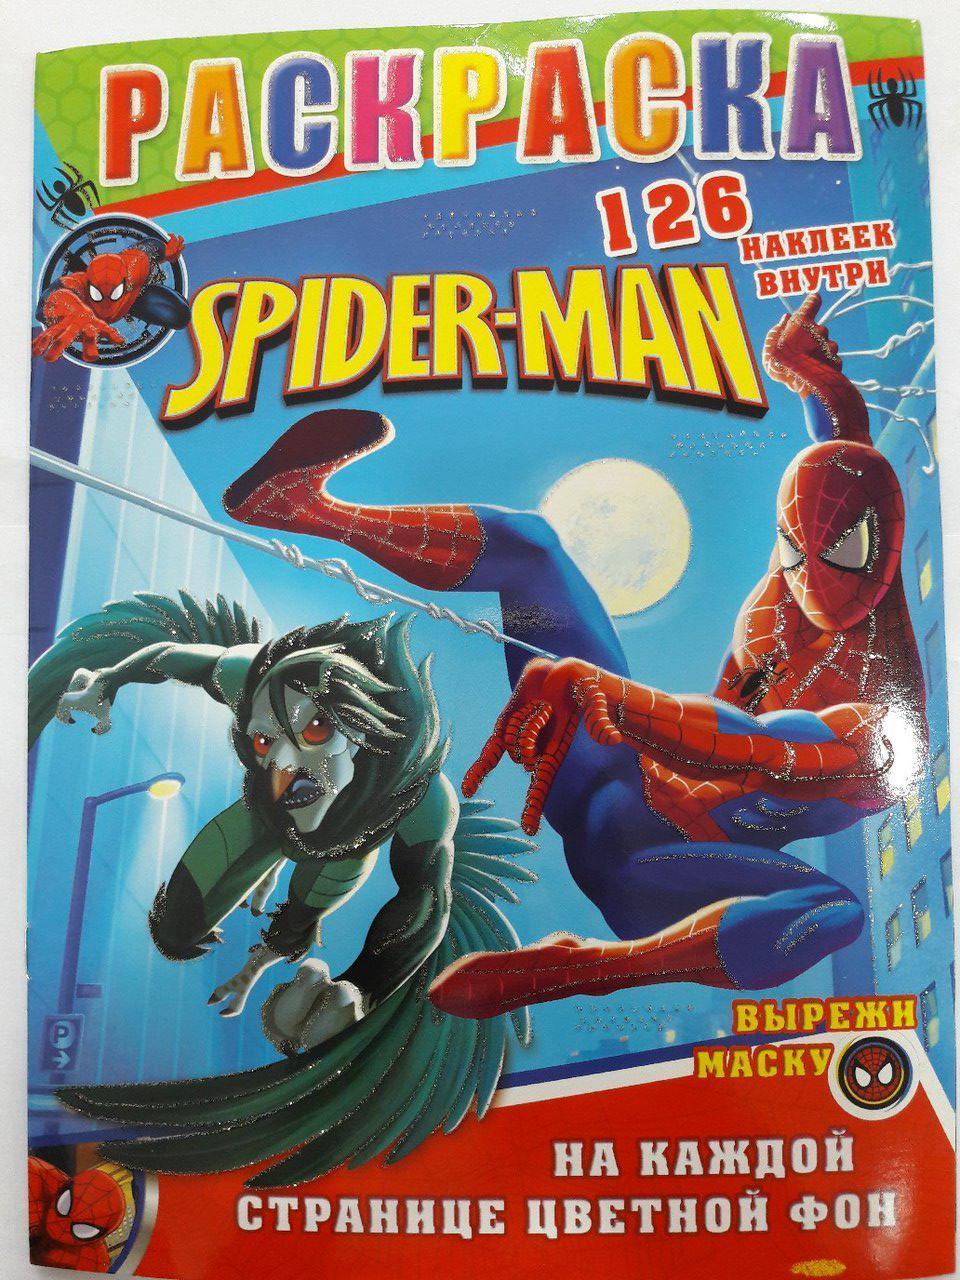 купить колибри раскраска р 30 126 наклеек человек паук в украине недорого